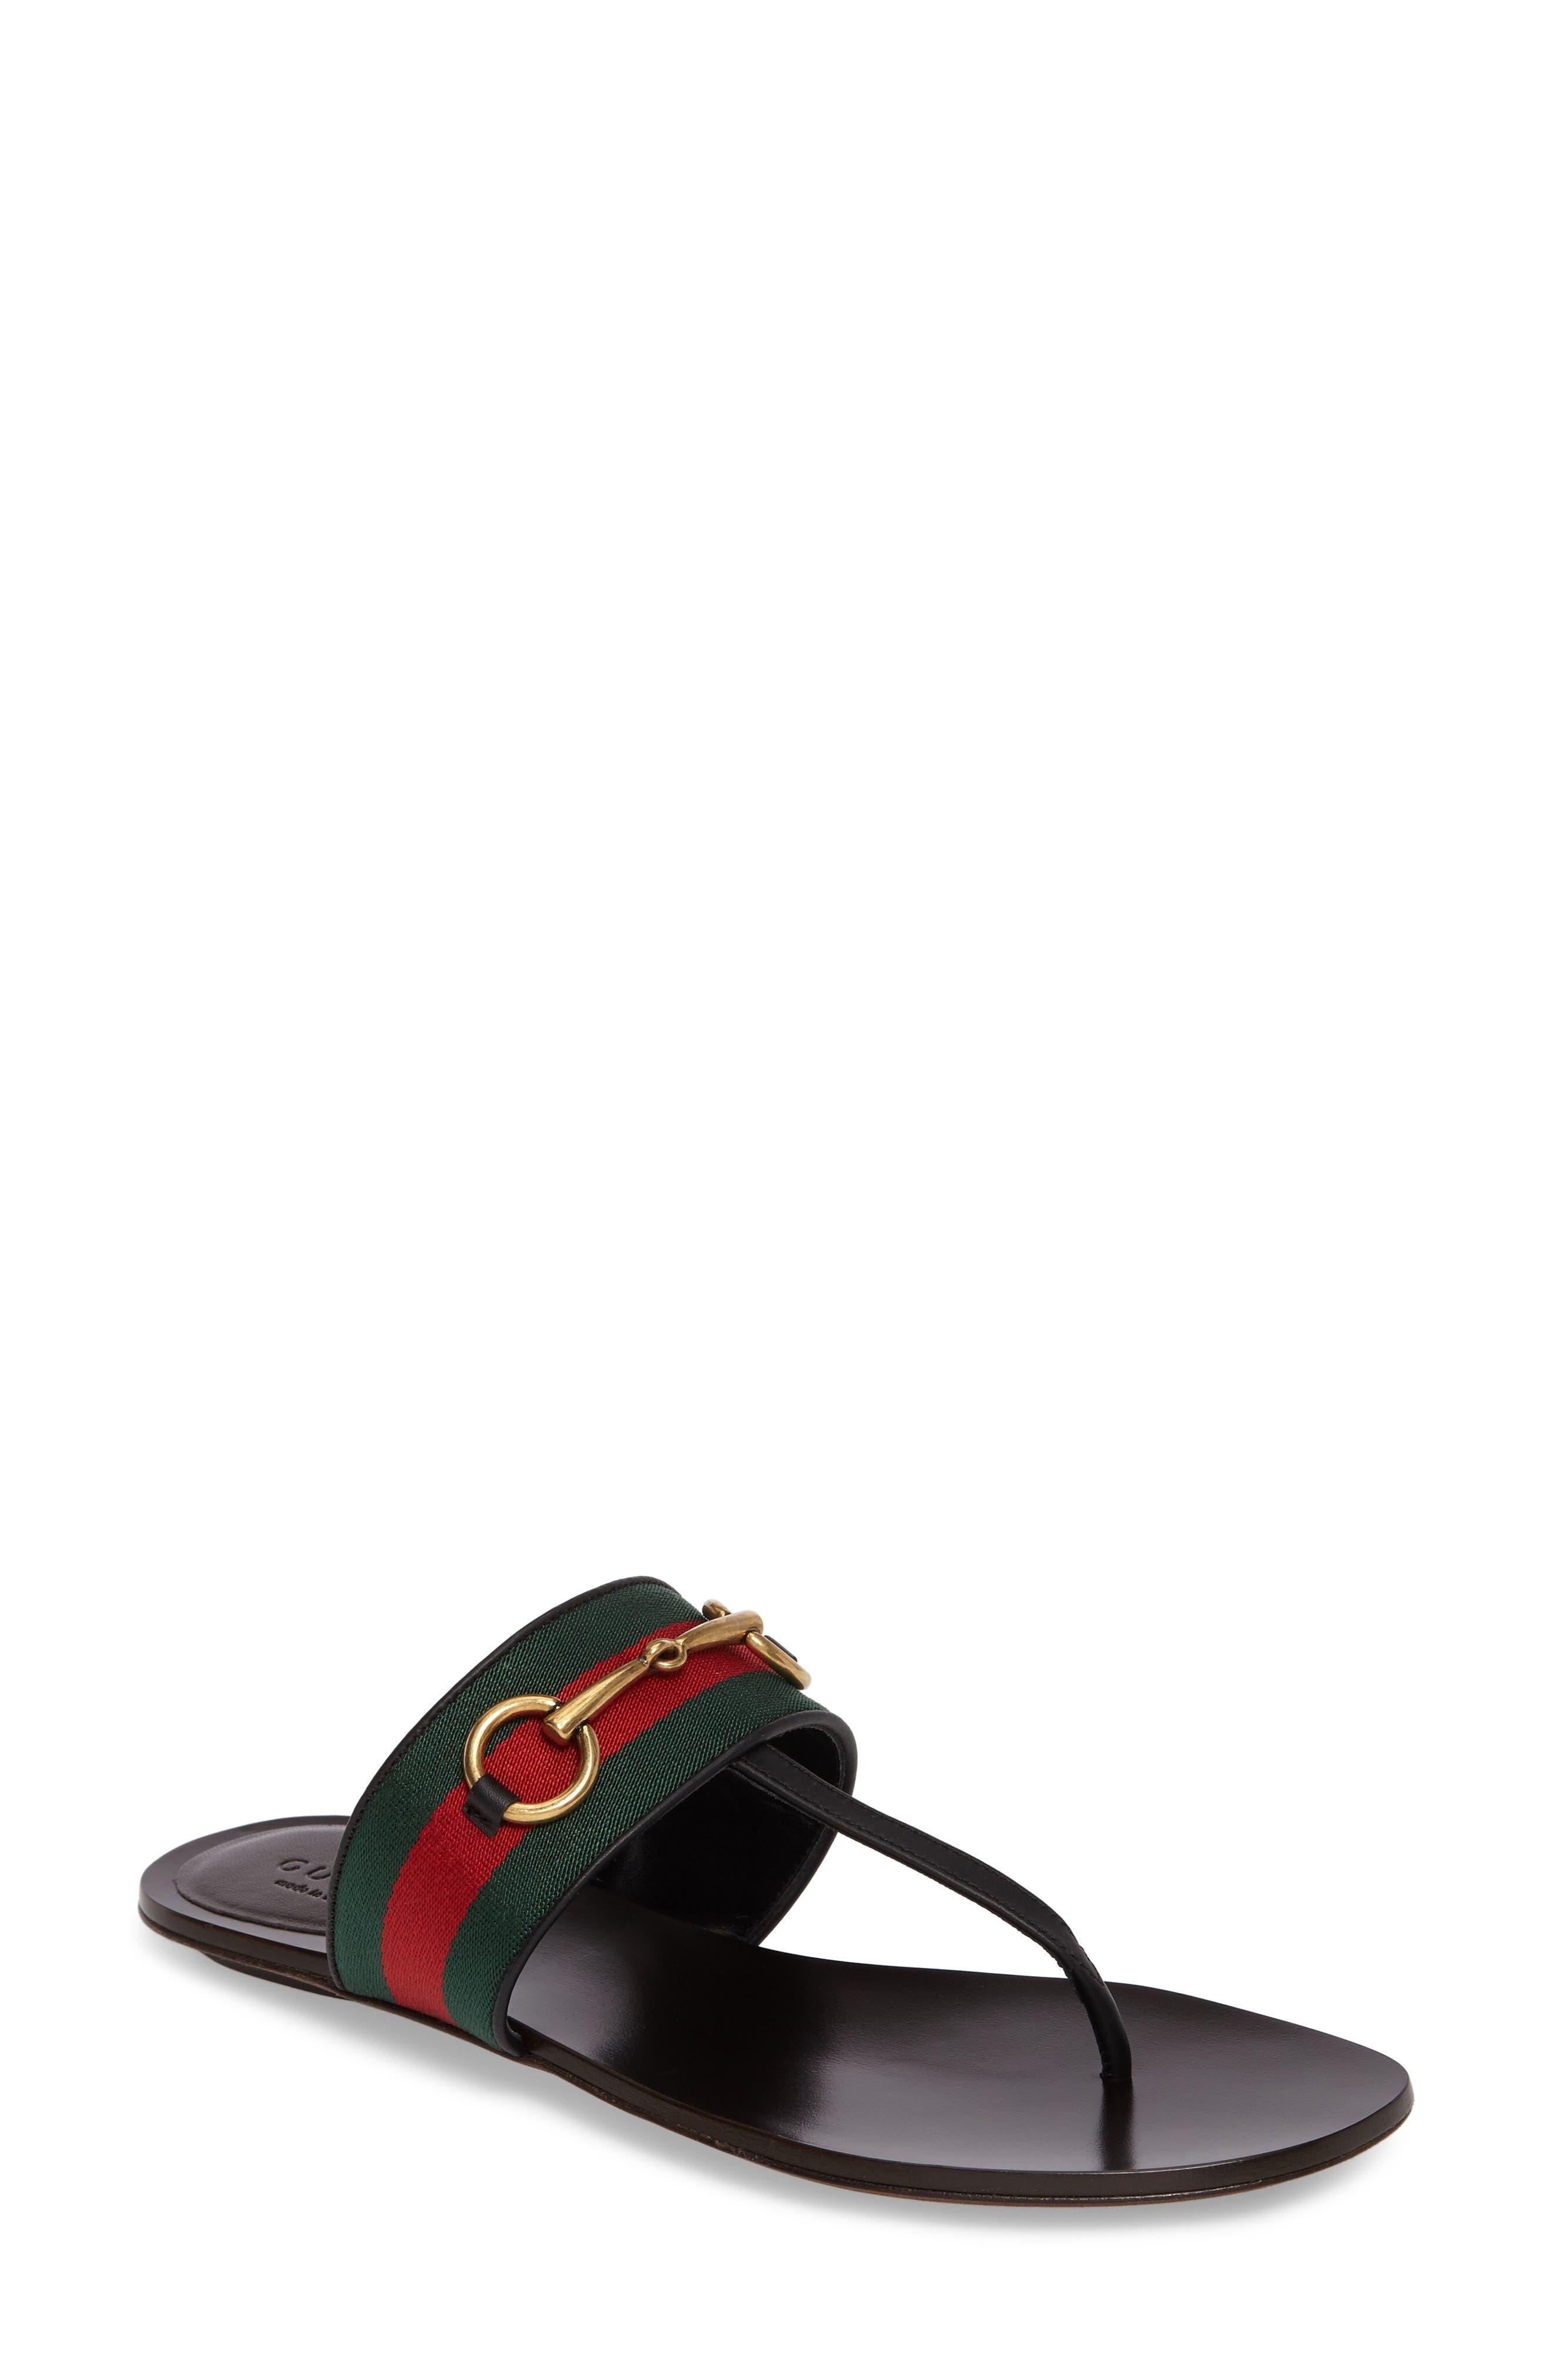 Main Image - Gucci Querelle Sandal (Women)